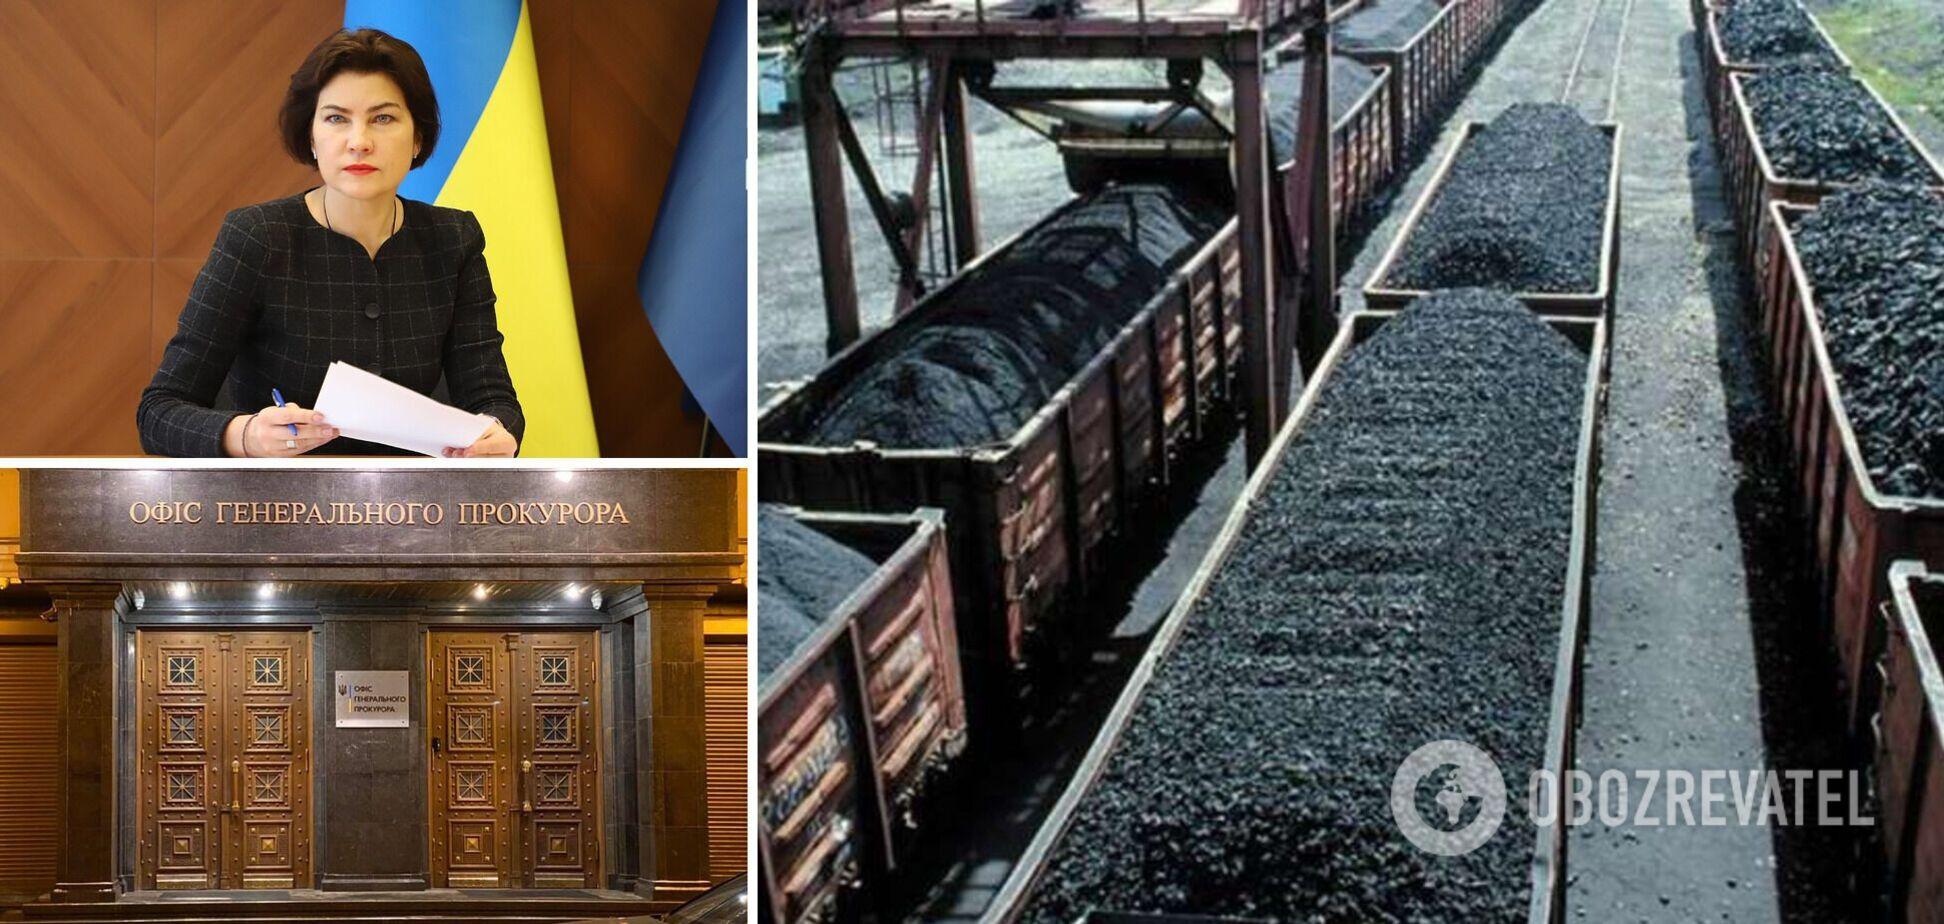 Венедіктова повідомила про розкриття справи про незаконні постачання вугілля з окупованих територій